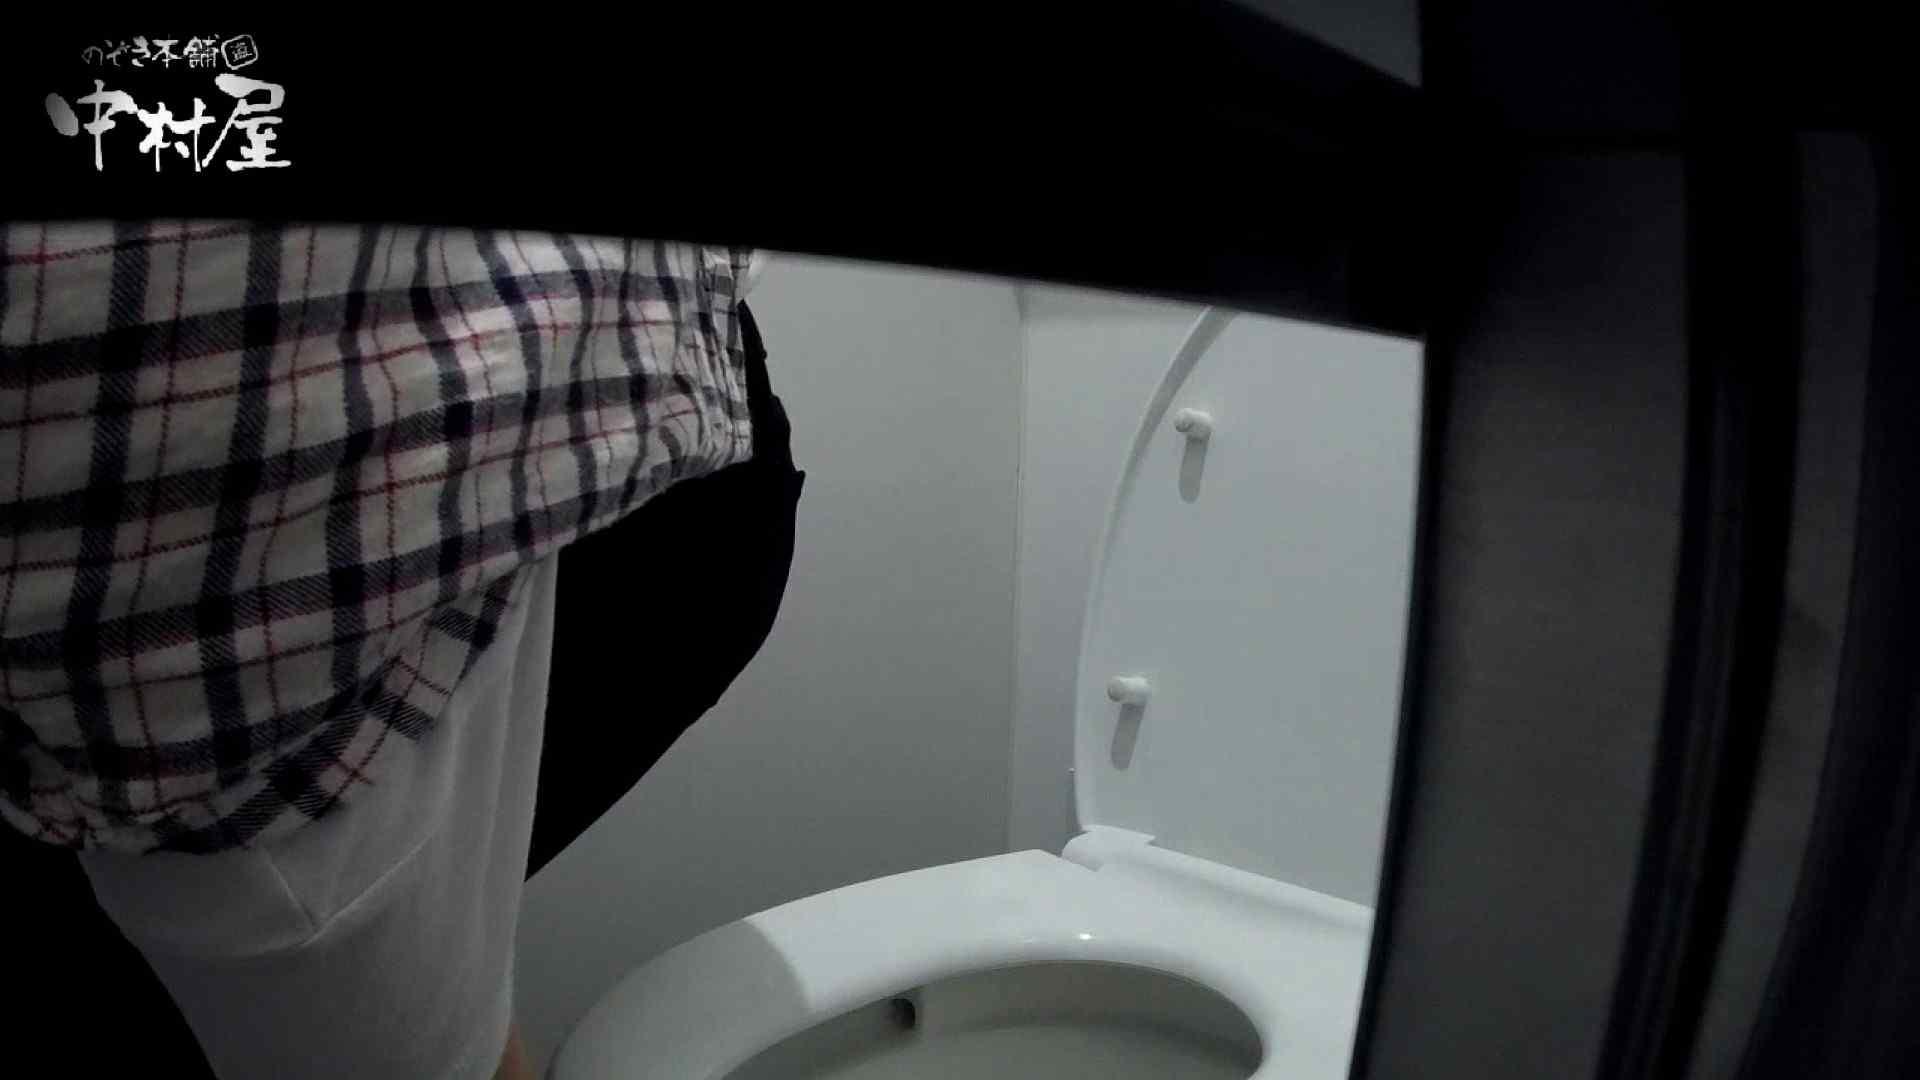 【某有名大学女性洗面所】有名大学女性洗面所 vol.40 ??おまじない的な動きをする子がいます。 洗面所突入 AV無料 91pic 48